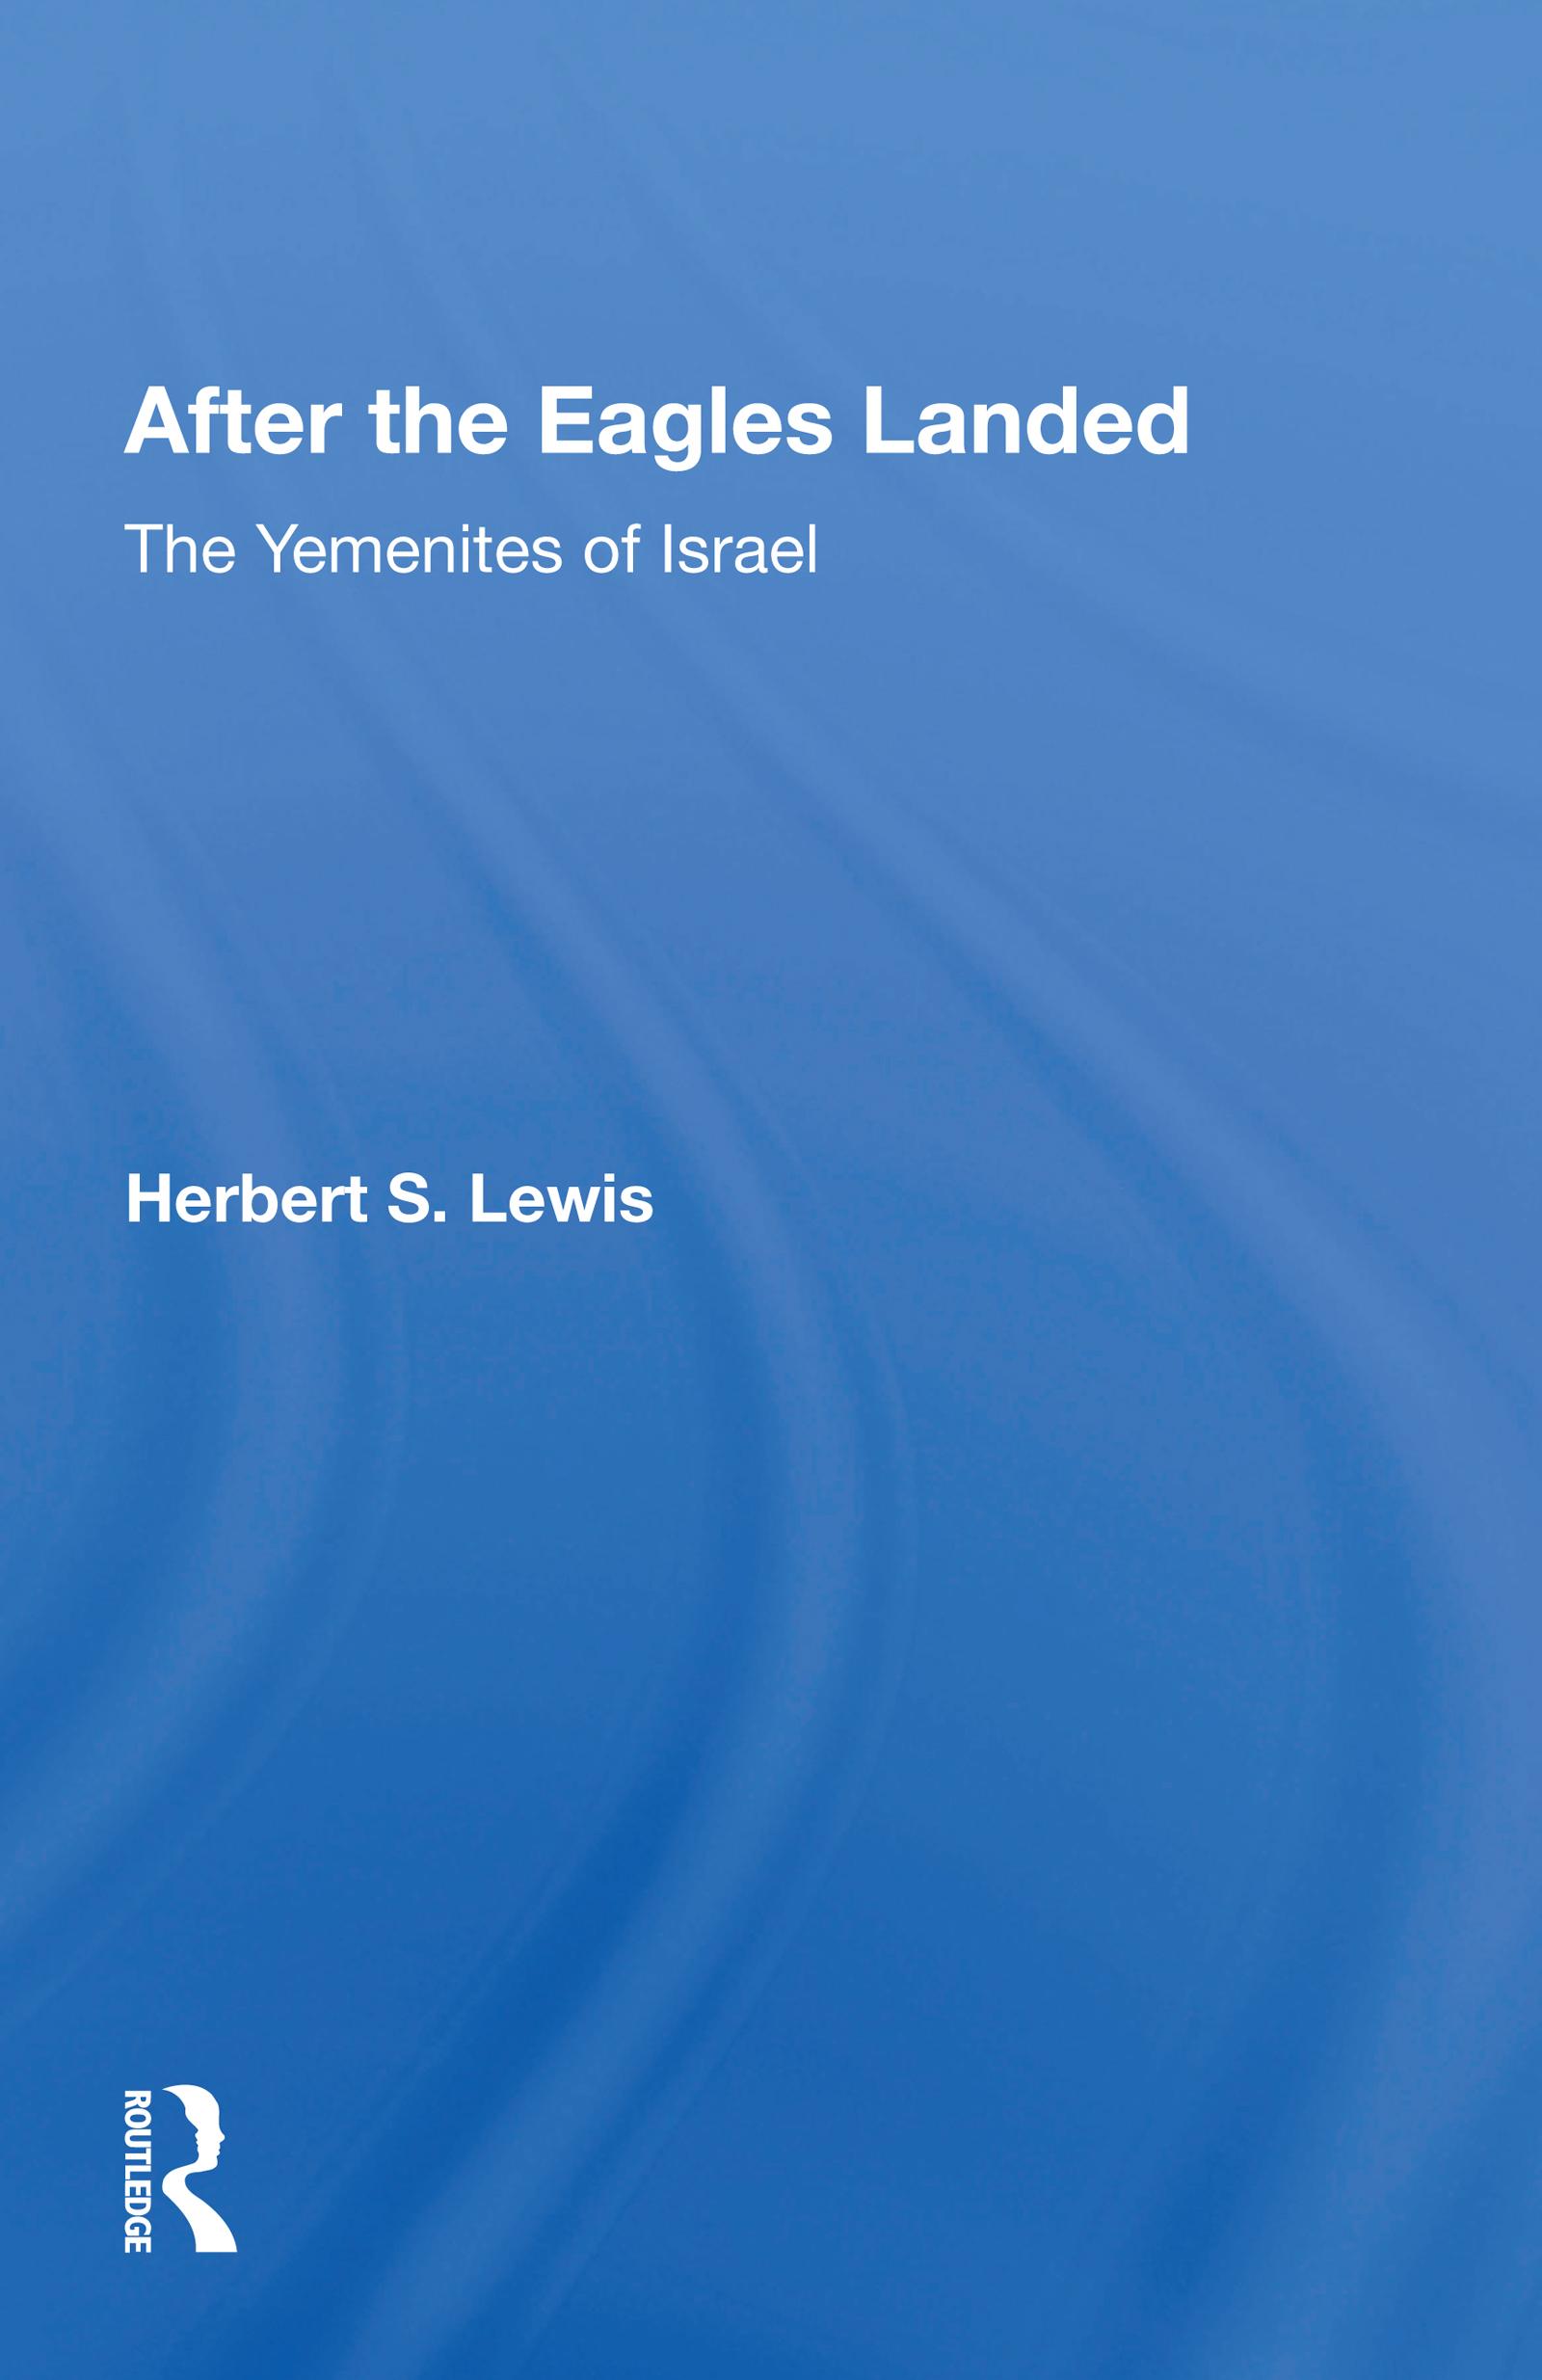 After the Eagles Landed